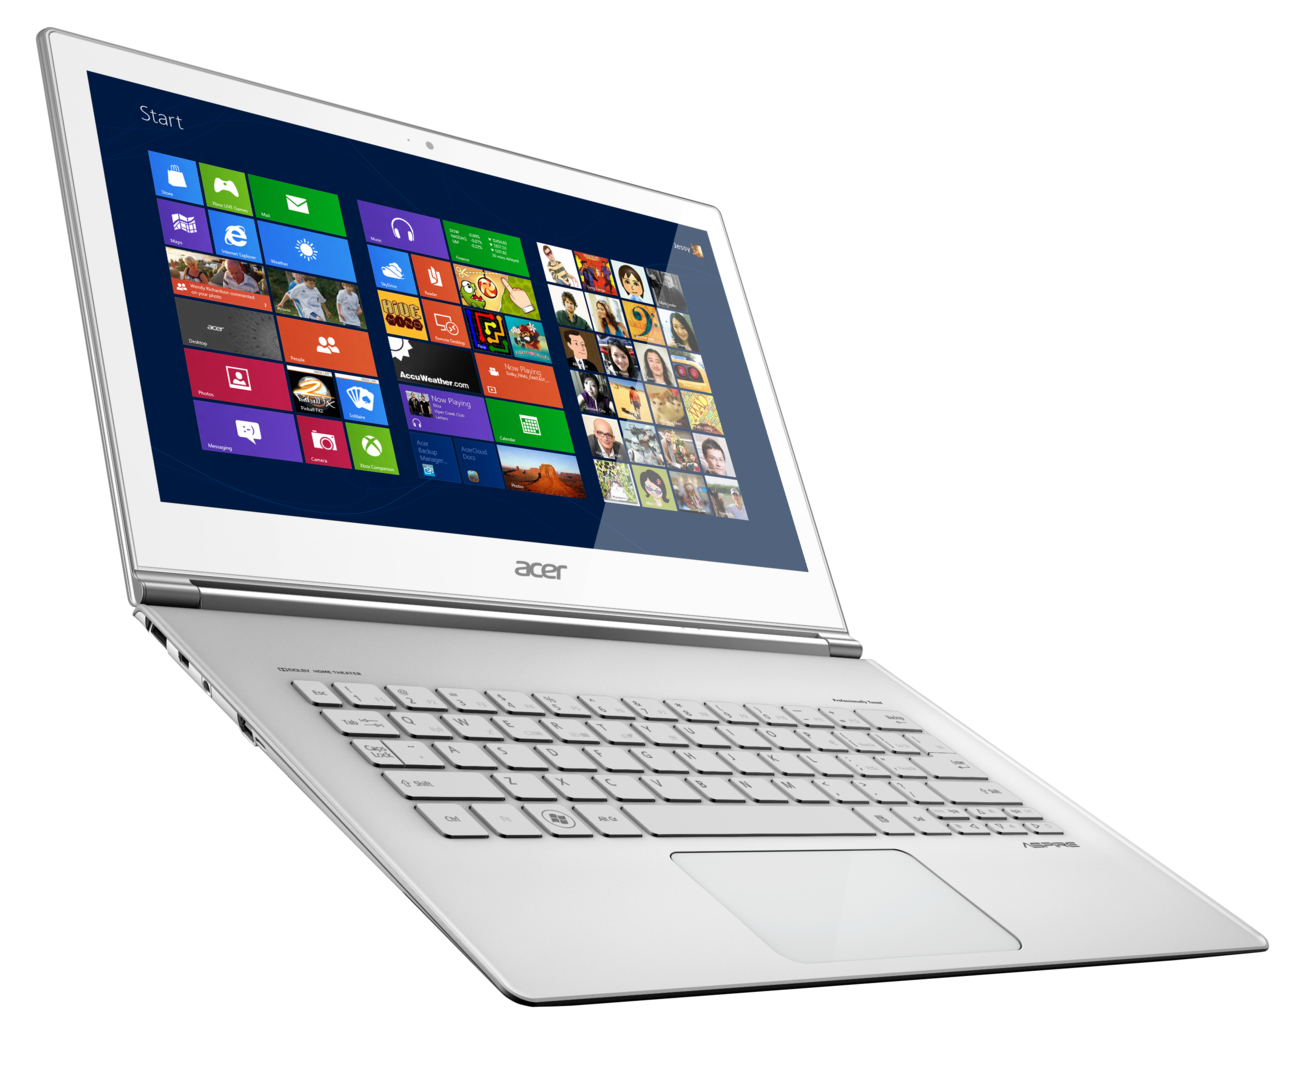 Acer Aspire S7 13 Zoll